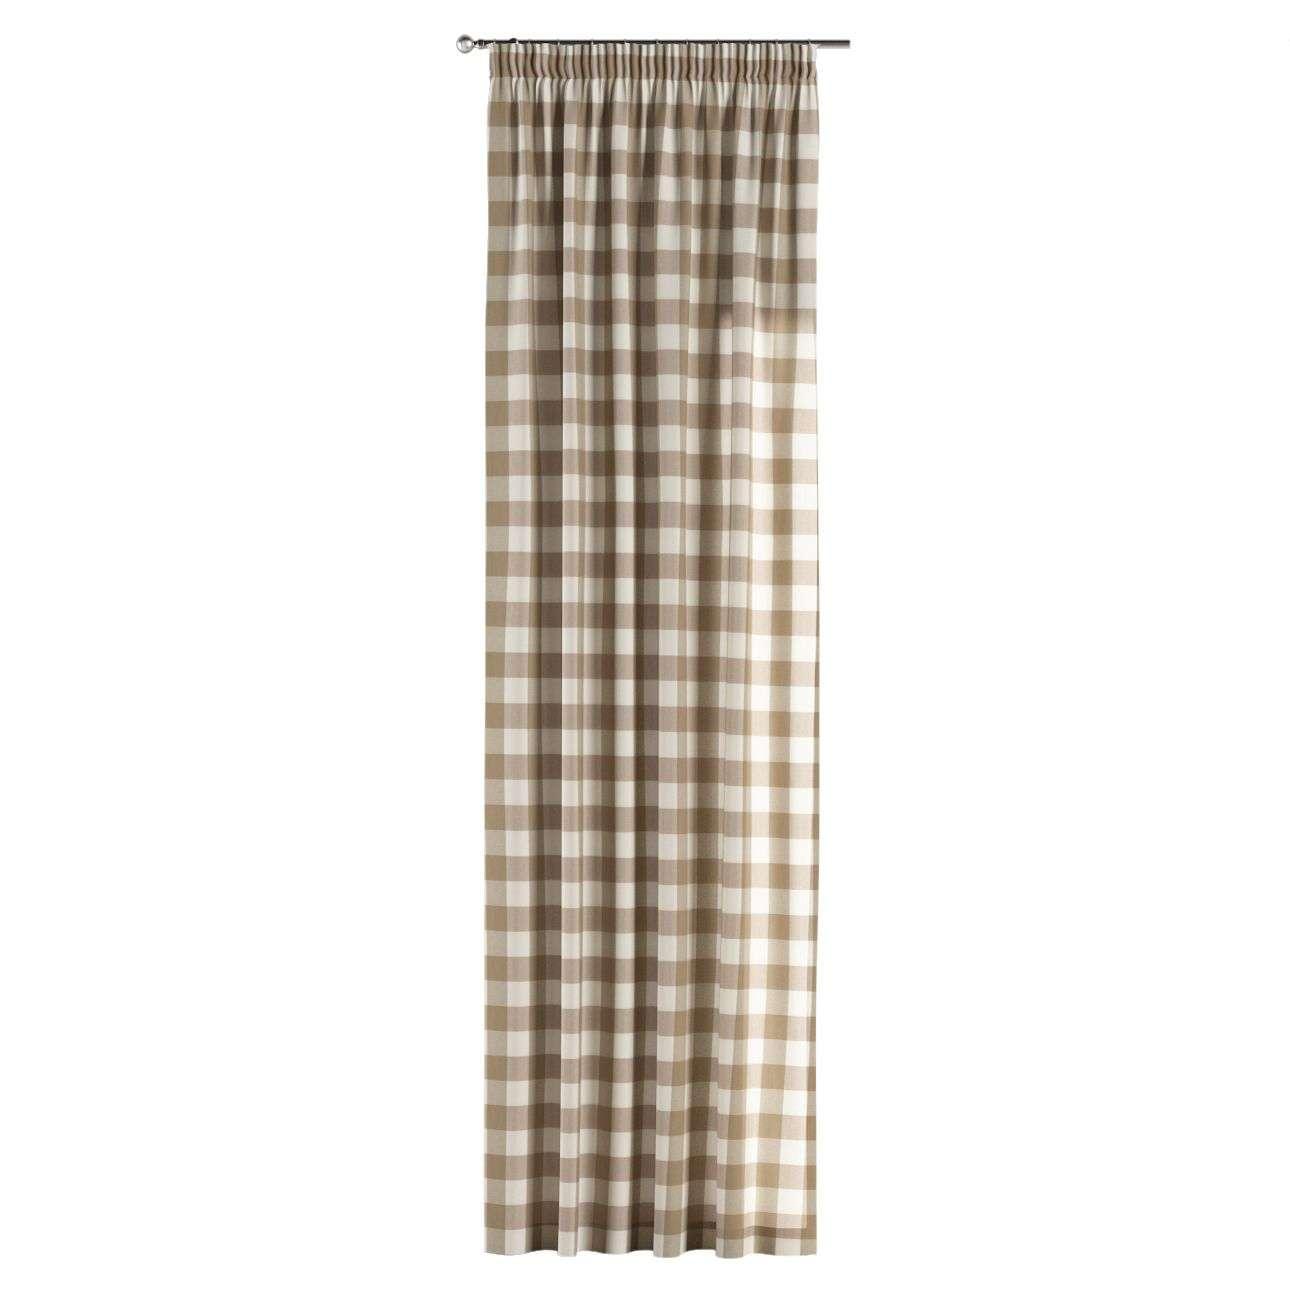 Pieštukinio klostavimo užuolaidos 130 x 260 cm (plotis x ilgis) kolekcijoje Quadro, audinys: 136-08